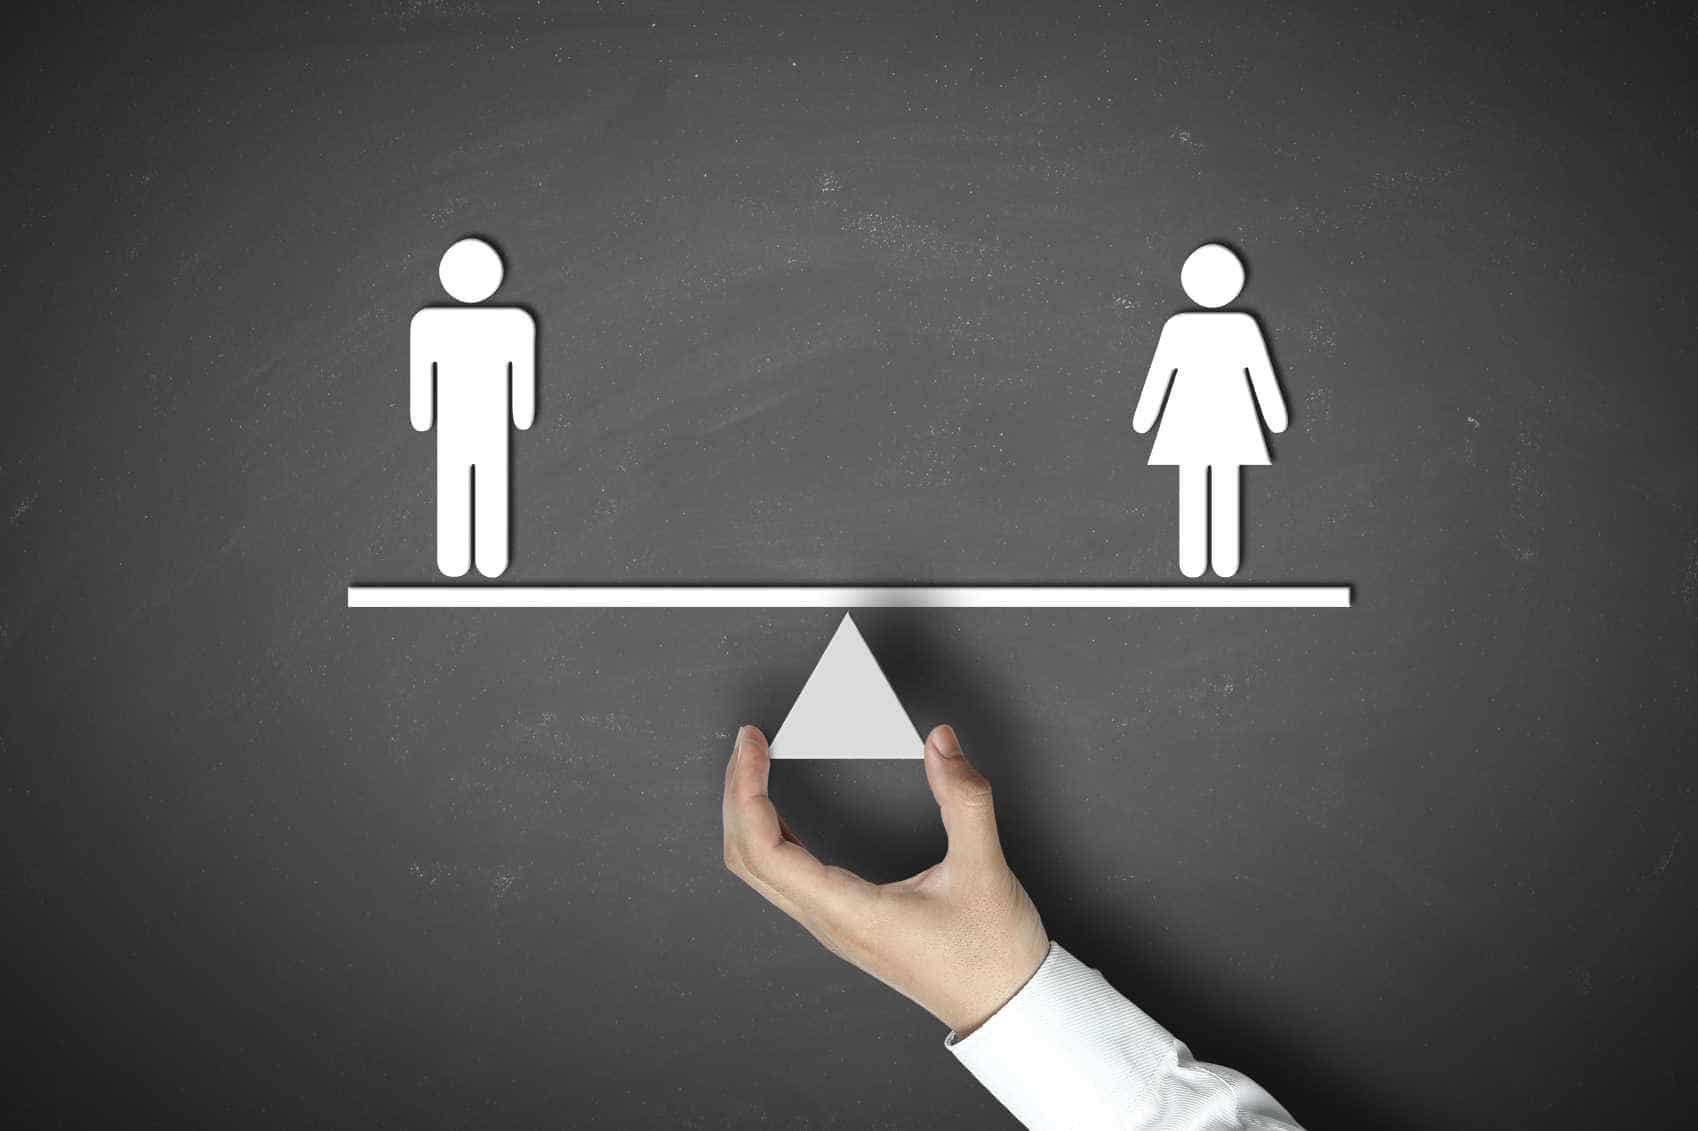 Parlamento recomenda combate às igualdades salariais de mulheres e homens